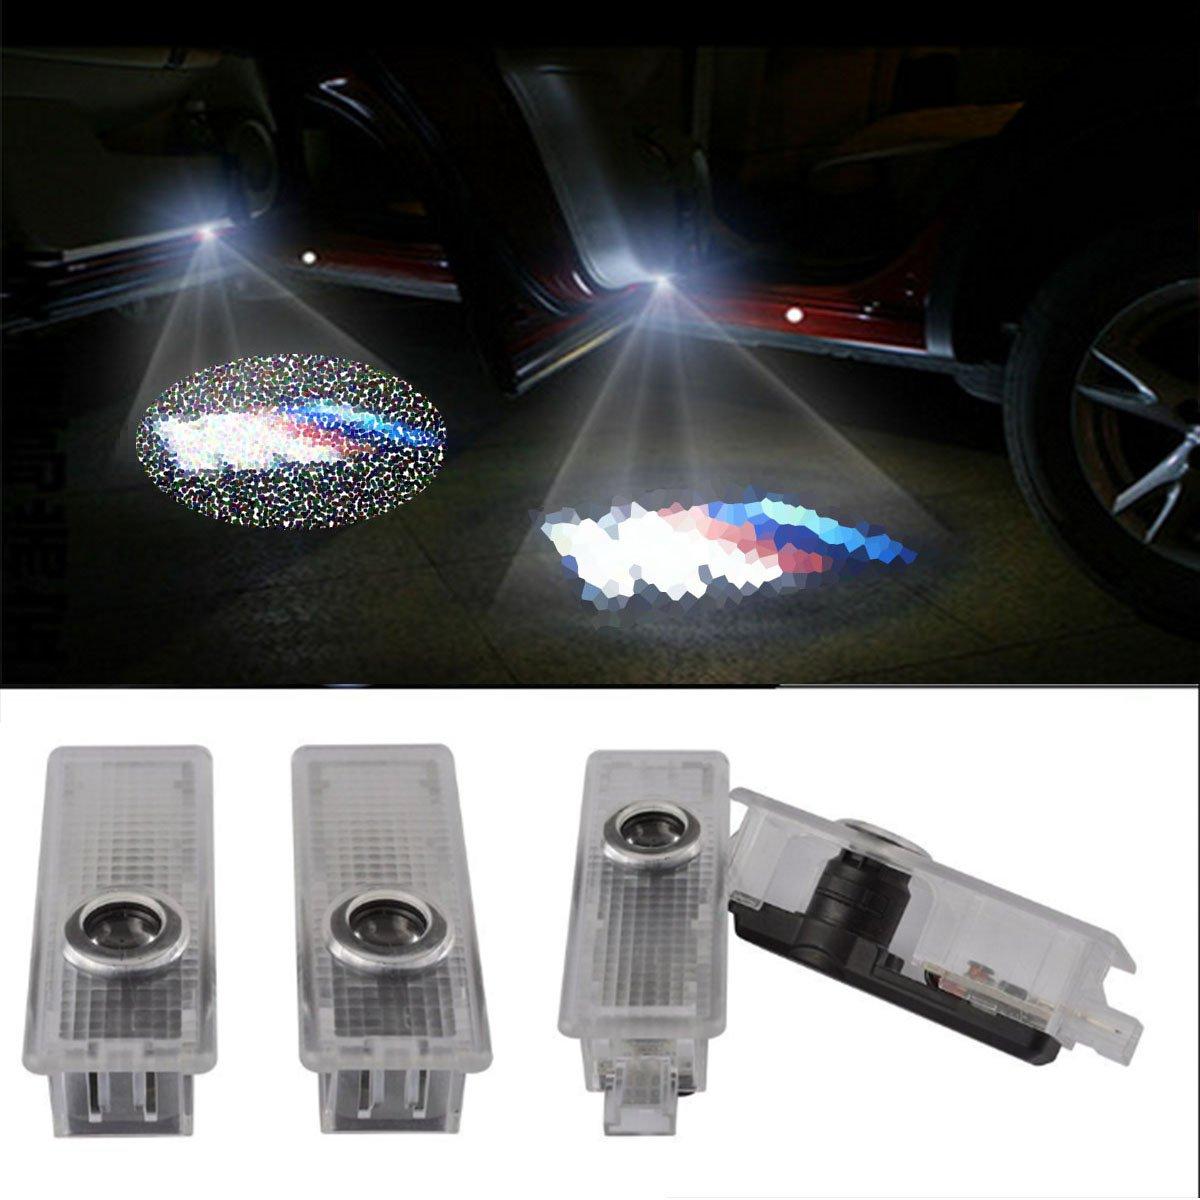 CNAutoLicht 4X M logo ///M logo Cree LED Door Step Courtesy Light Welcome Light For BMW 7-Series E65 E66 E67 F01 F02 F03 4-Series F32 F33 F83 X1 X3 X4 X6 Z4 GT-Series Laser Shadow Logo Projector Lamp